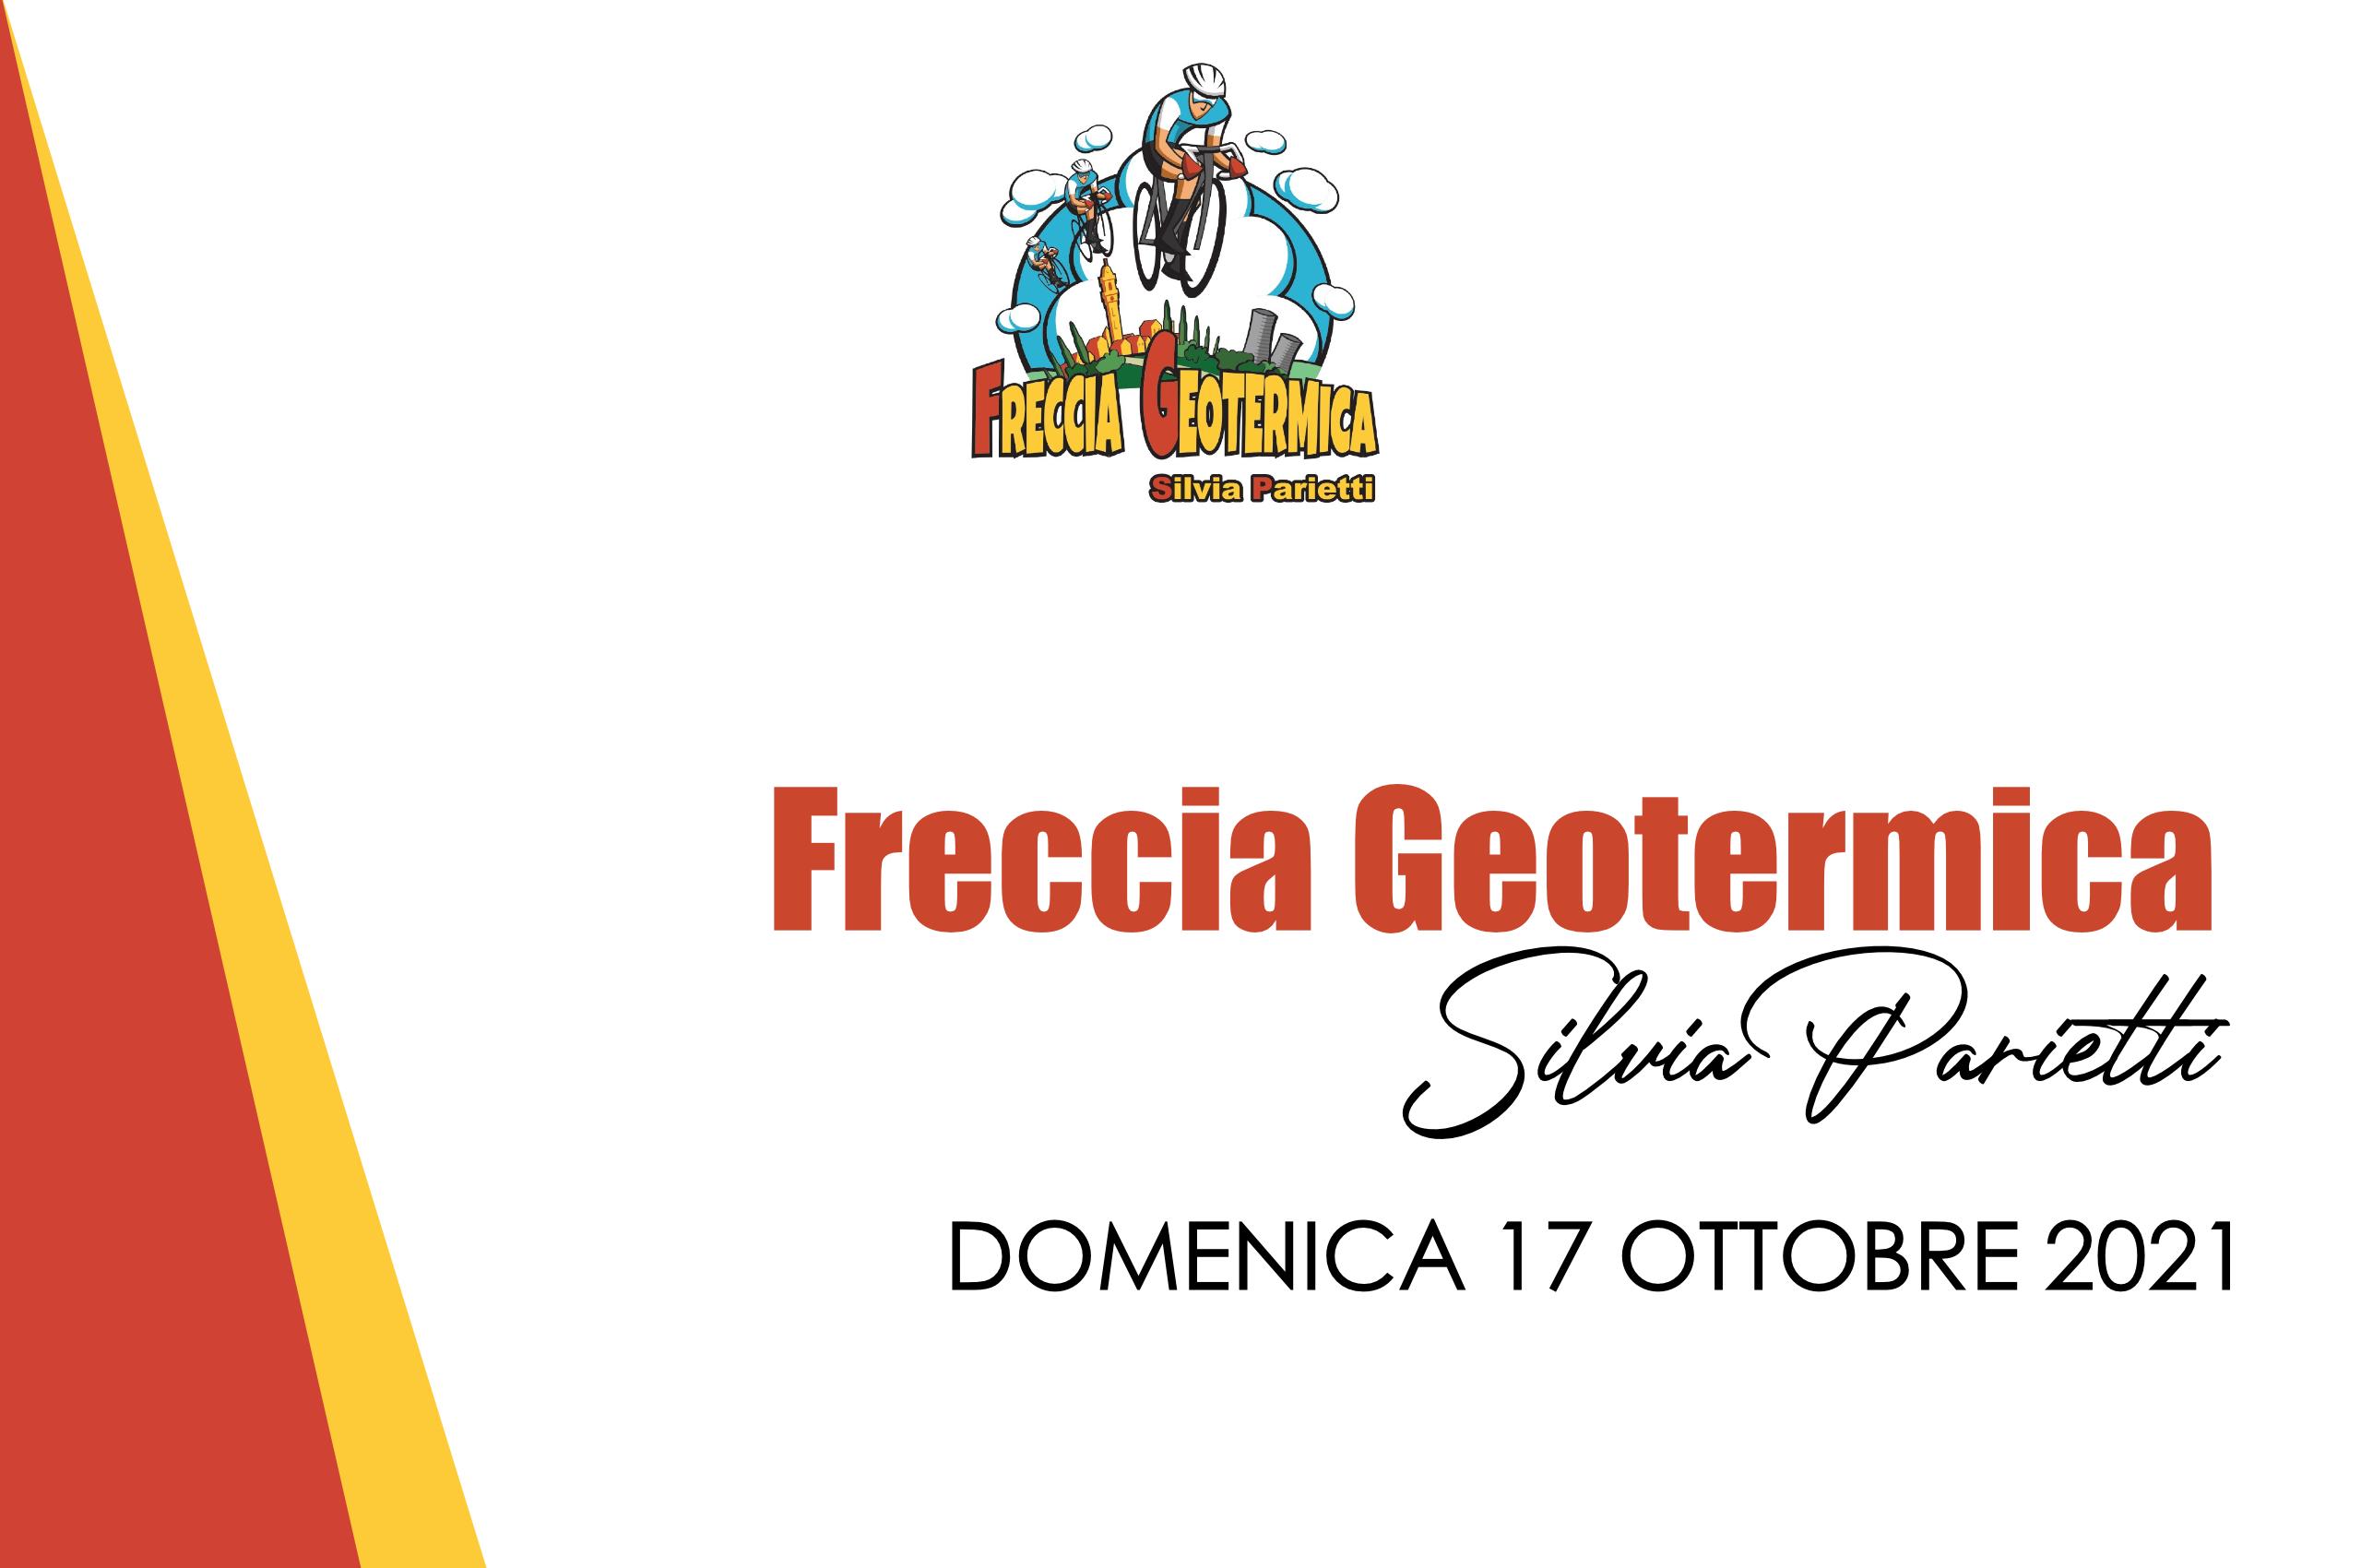 BhossCycling al fianco della Freccia Geotermica – Silvia Parietti